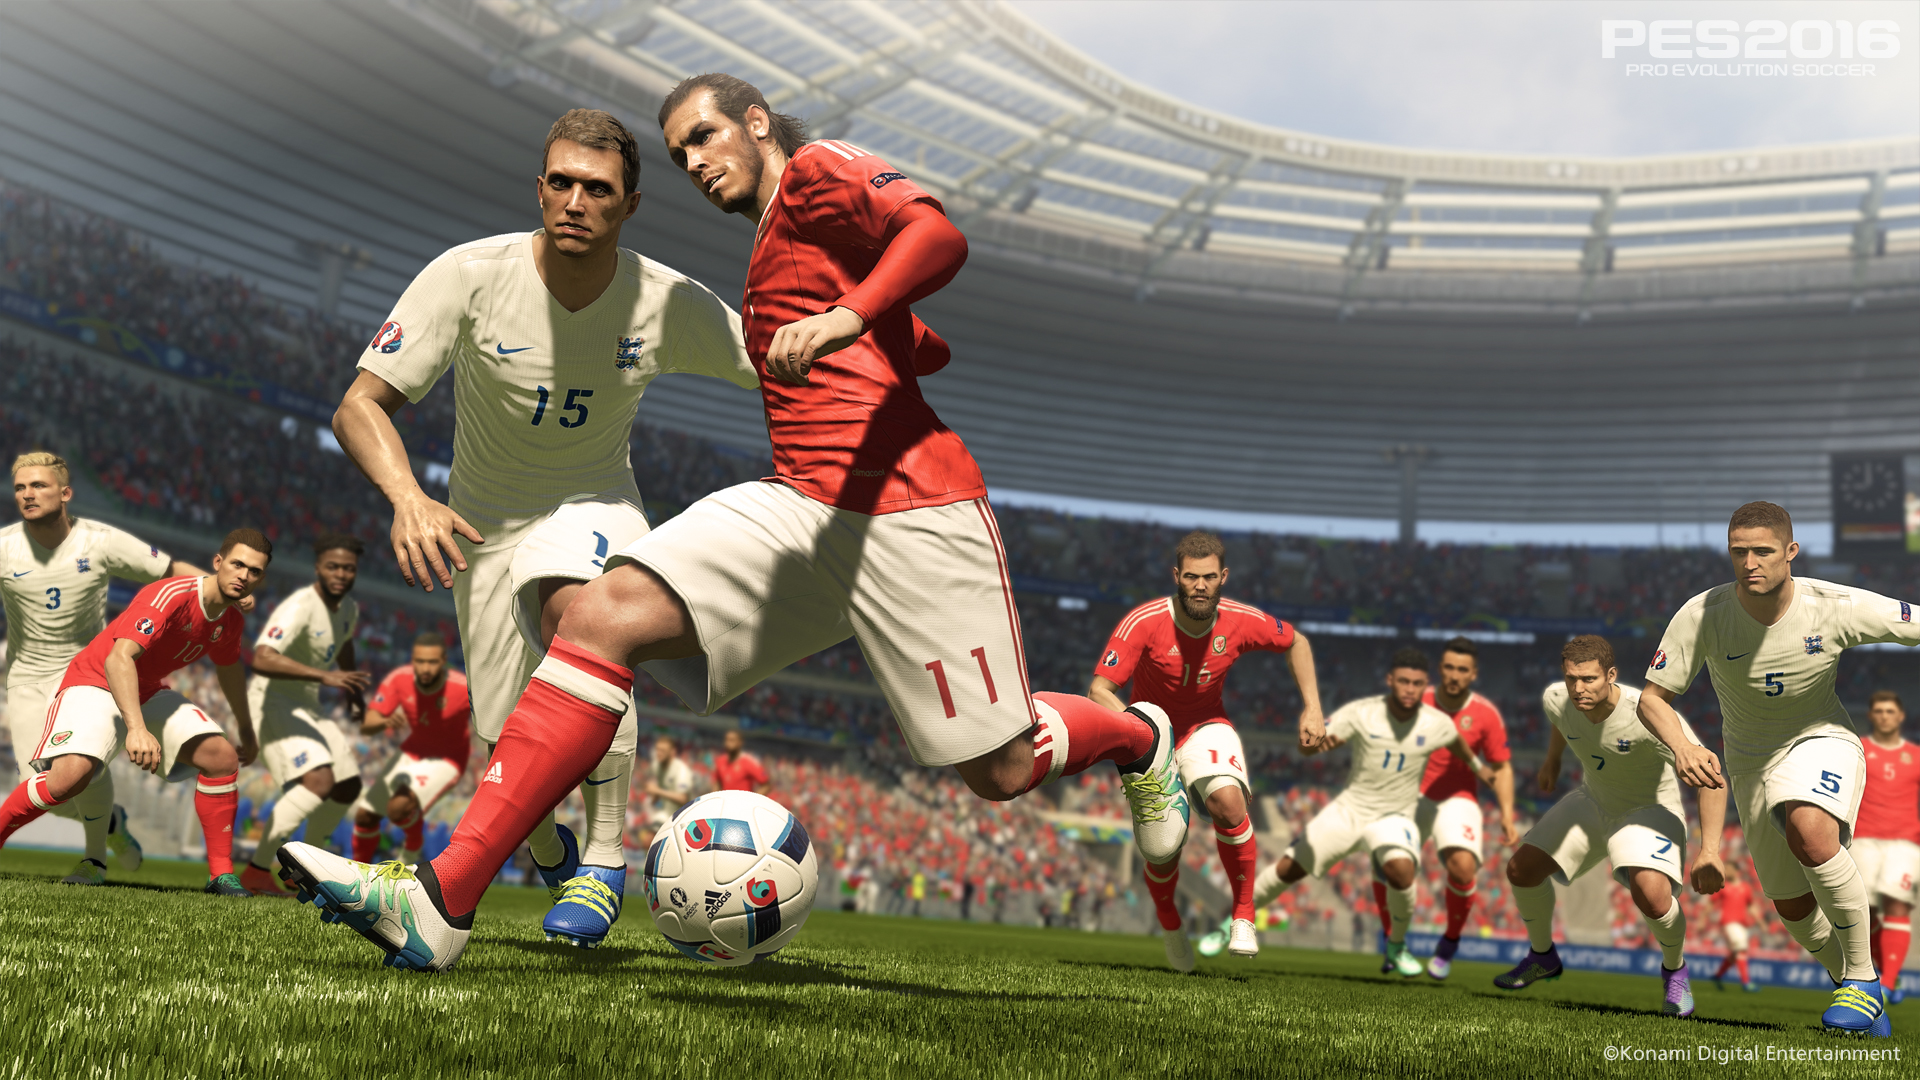 UEFA EURO Pro Evolution Soccer 2016 DLC (1)